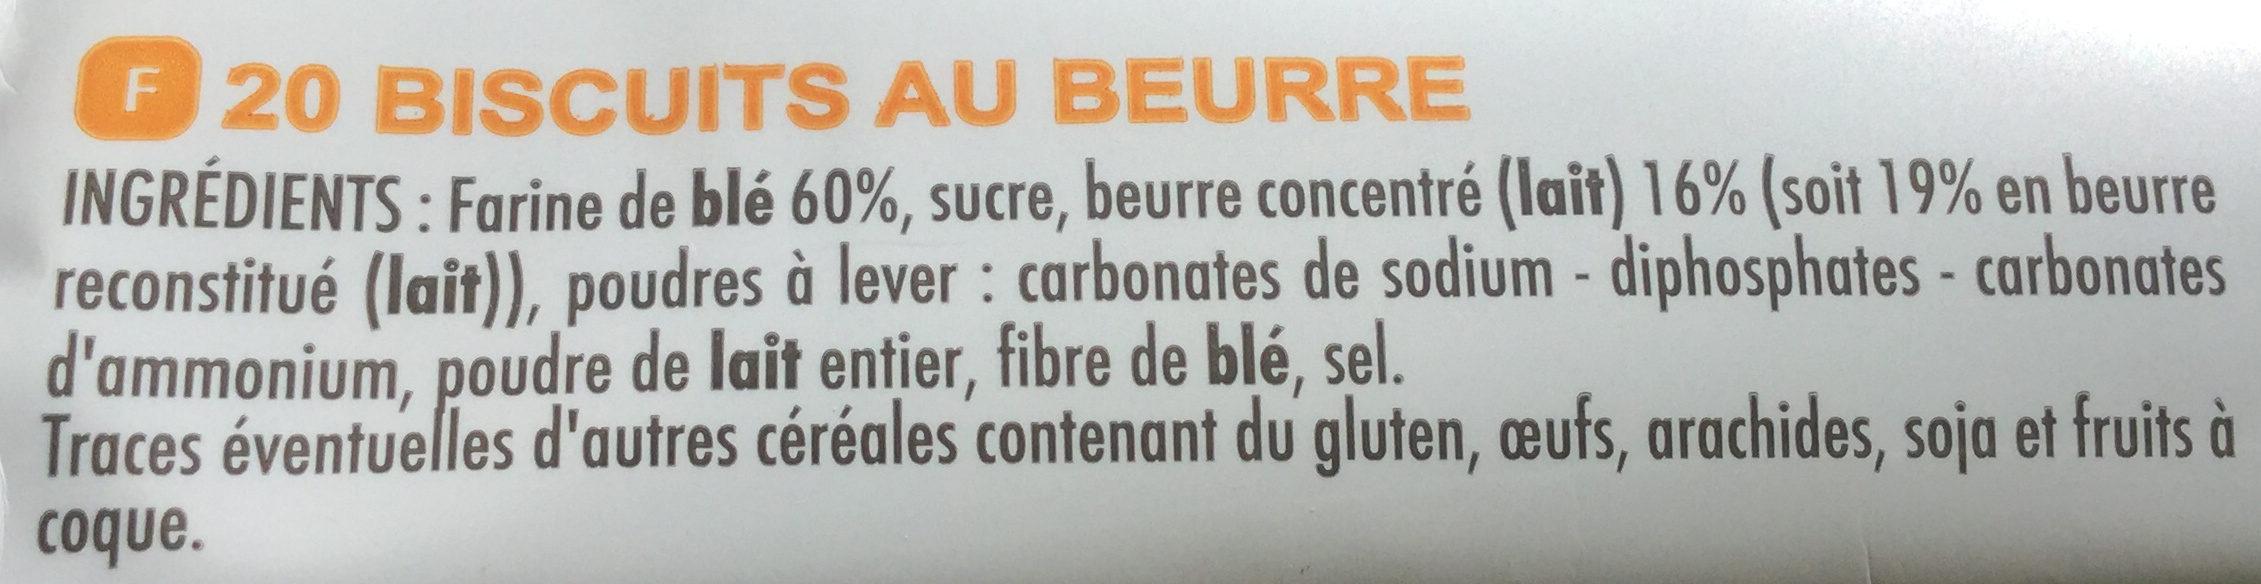 Beurrés Bretons Pur Beurre - Ingrédients - fr